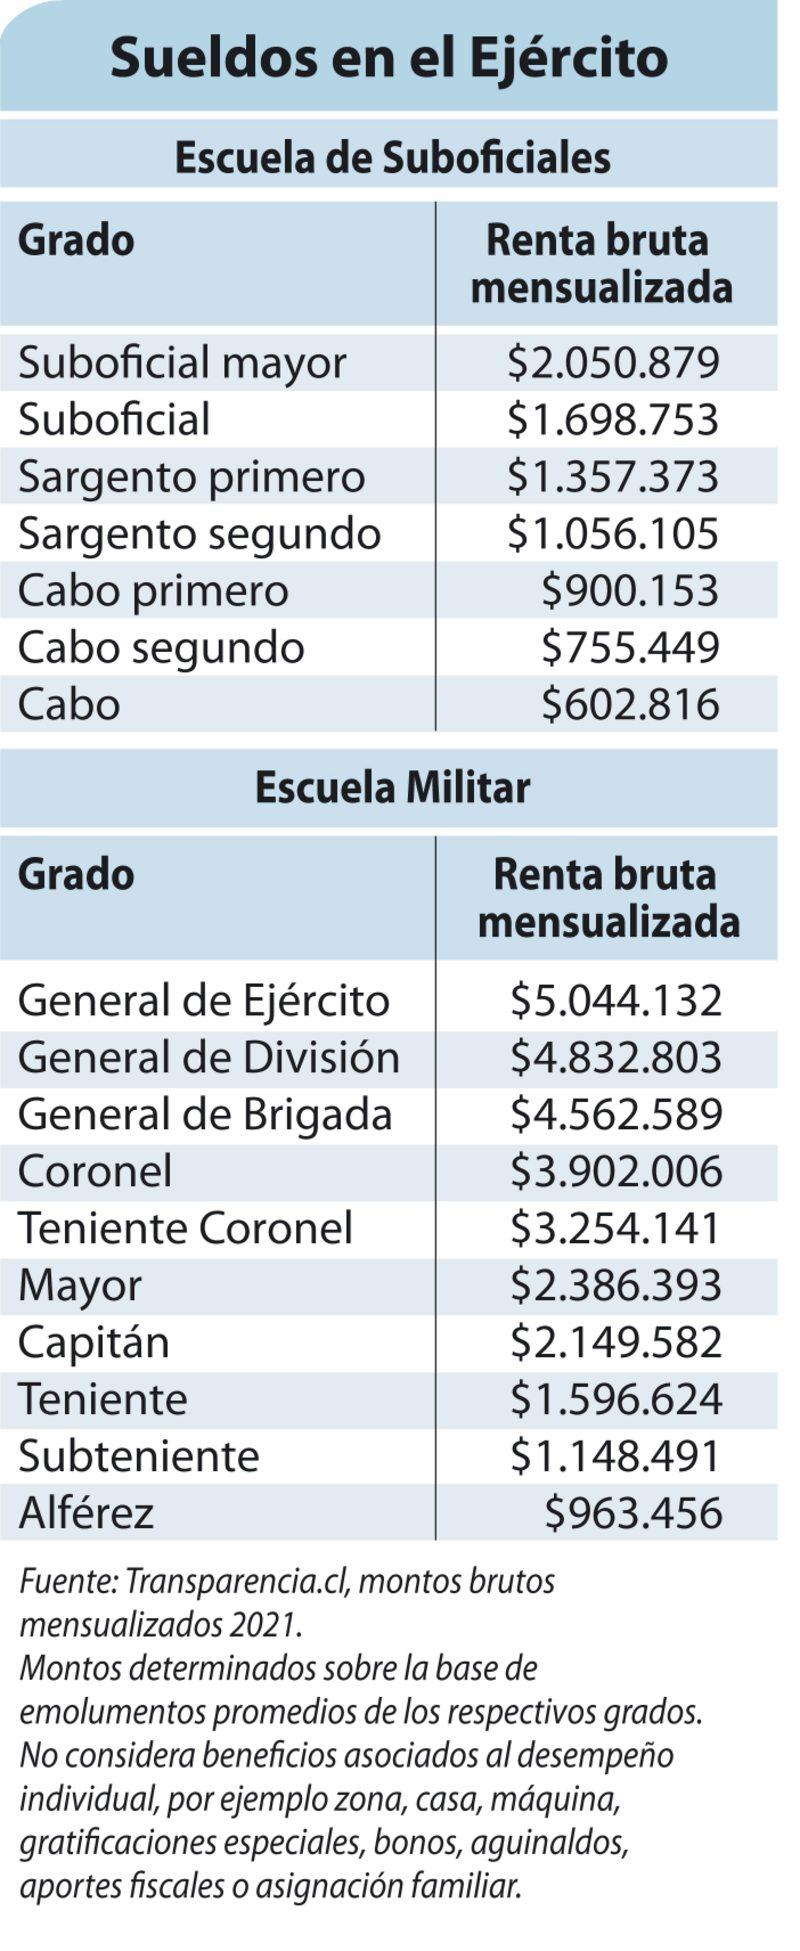 tabla de sueldos en el Ejército